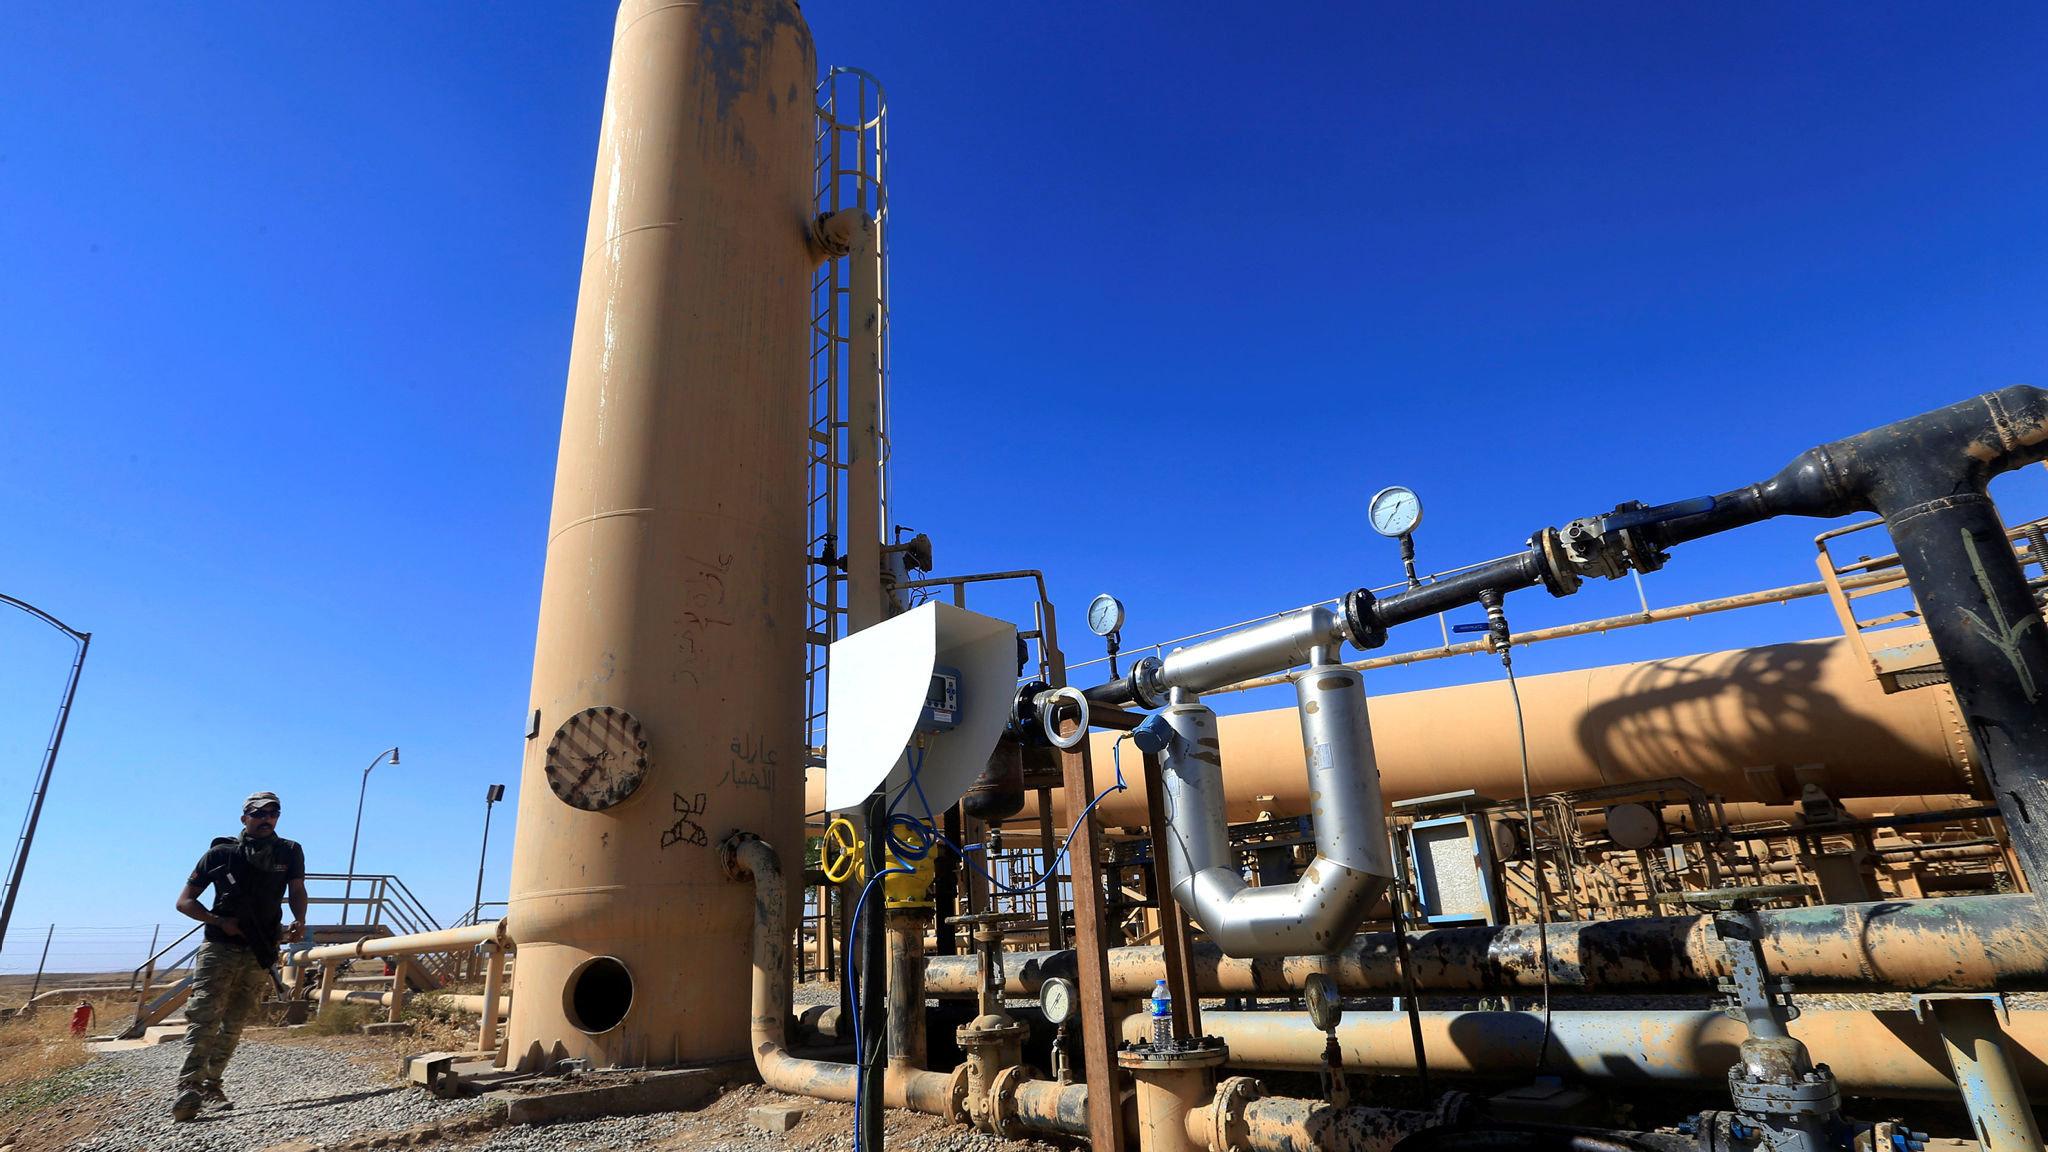 Iraq close to deal to restart oil exports from Kirkuk 271c97a4-e3fd-11e8-a8a0-99b2e340ffeb